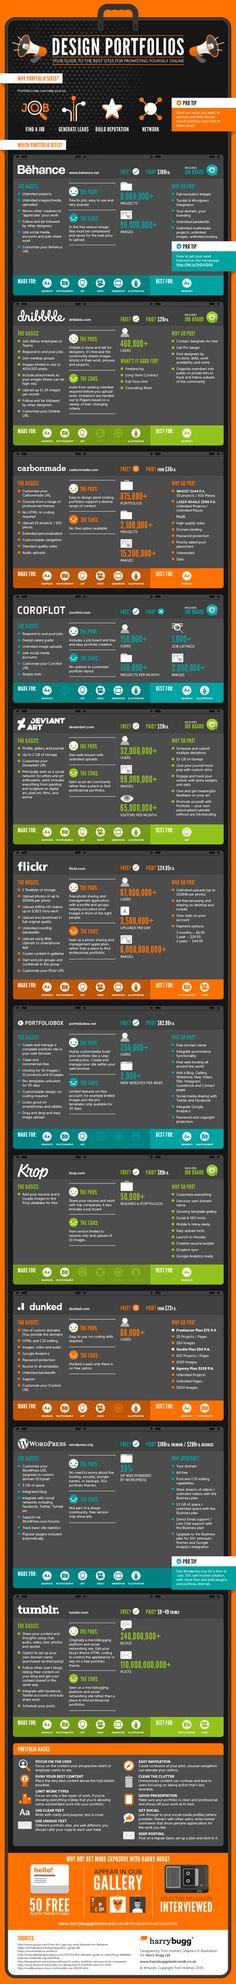 Design Portfolios! 11 Best Online Portfolio Sites                                                                                                                                                                                 More